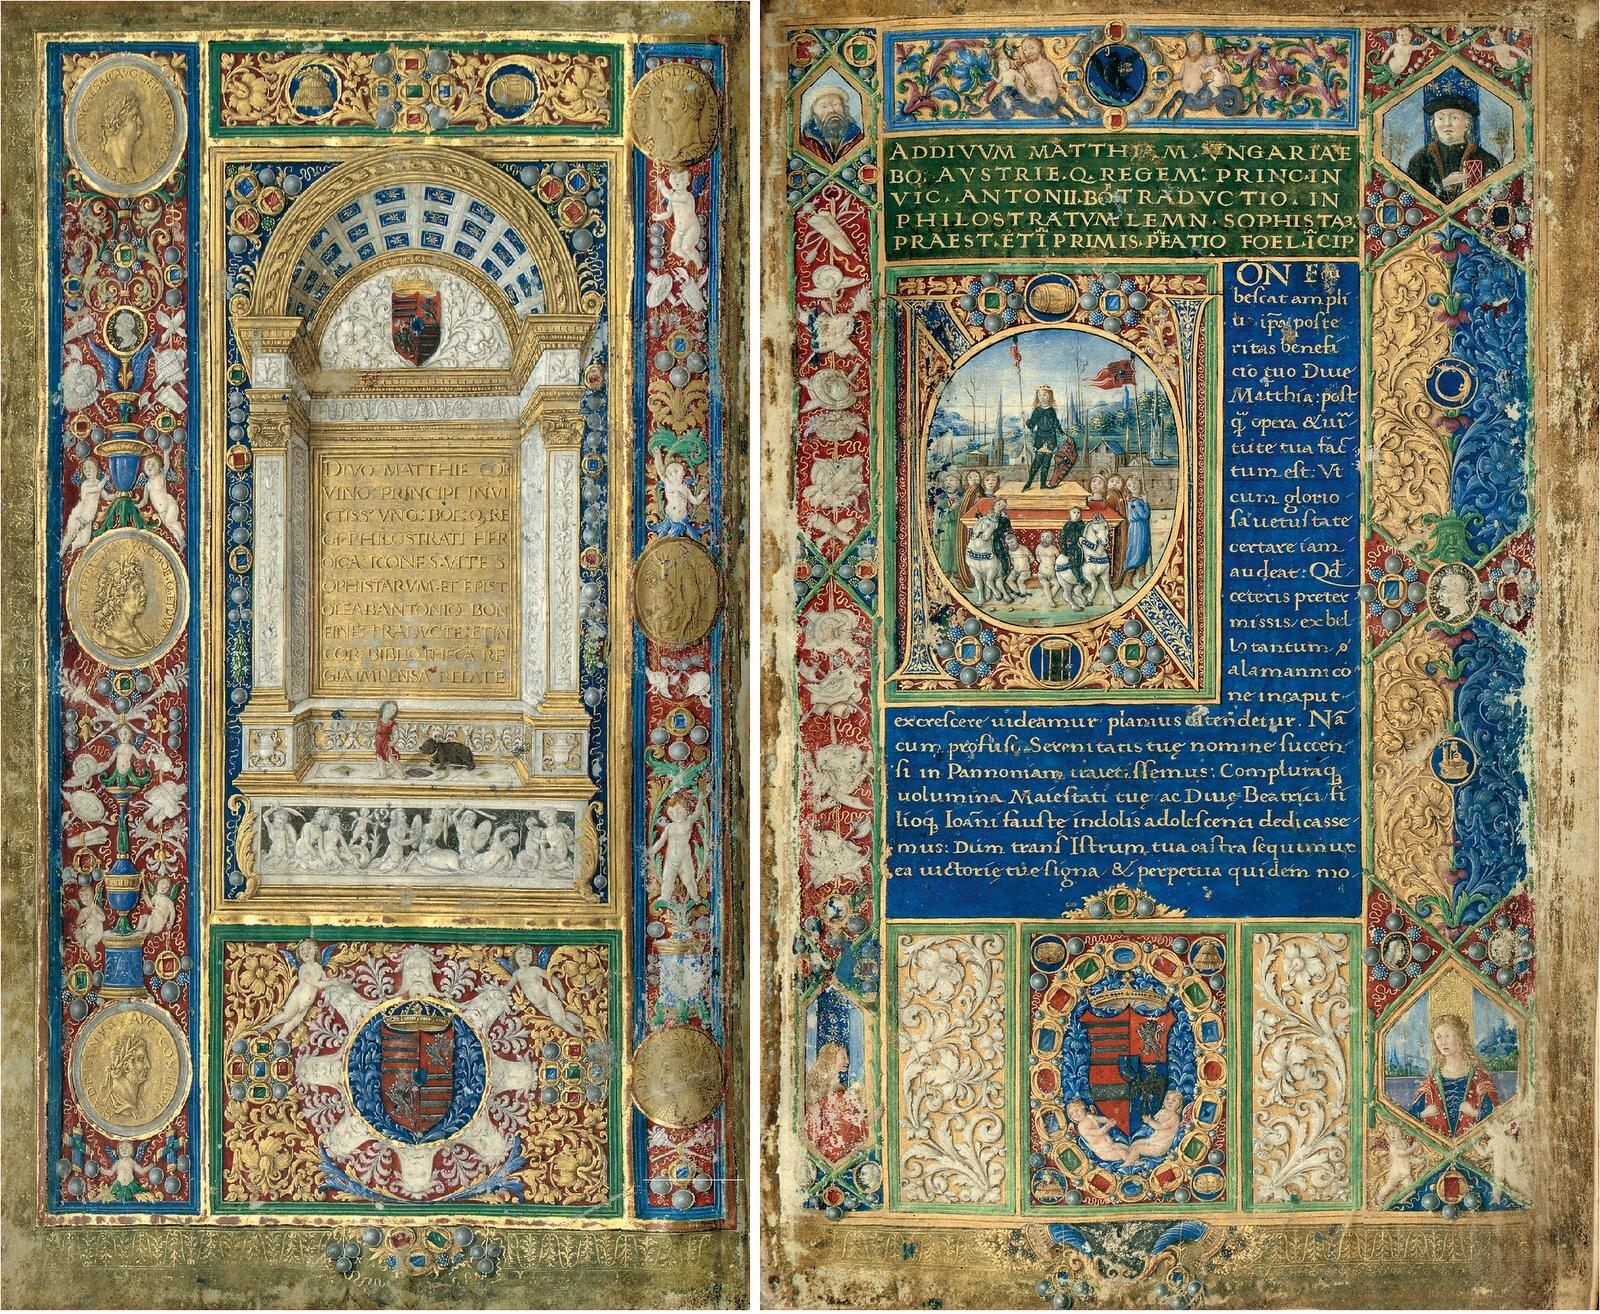 """Kodeks """"Philostratus"""" zdawnej biblioteki króla Macieja Korwina z1487 r. Źródło: Philostratos, Kodeks """"Philostratus"""" zdawnej biblioteki króla Macieja Korwina z1487 r., 1487, domena publiczna."""